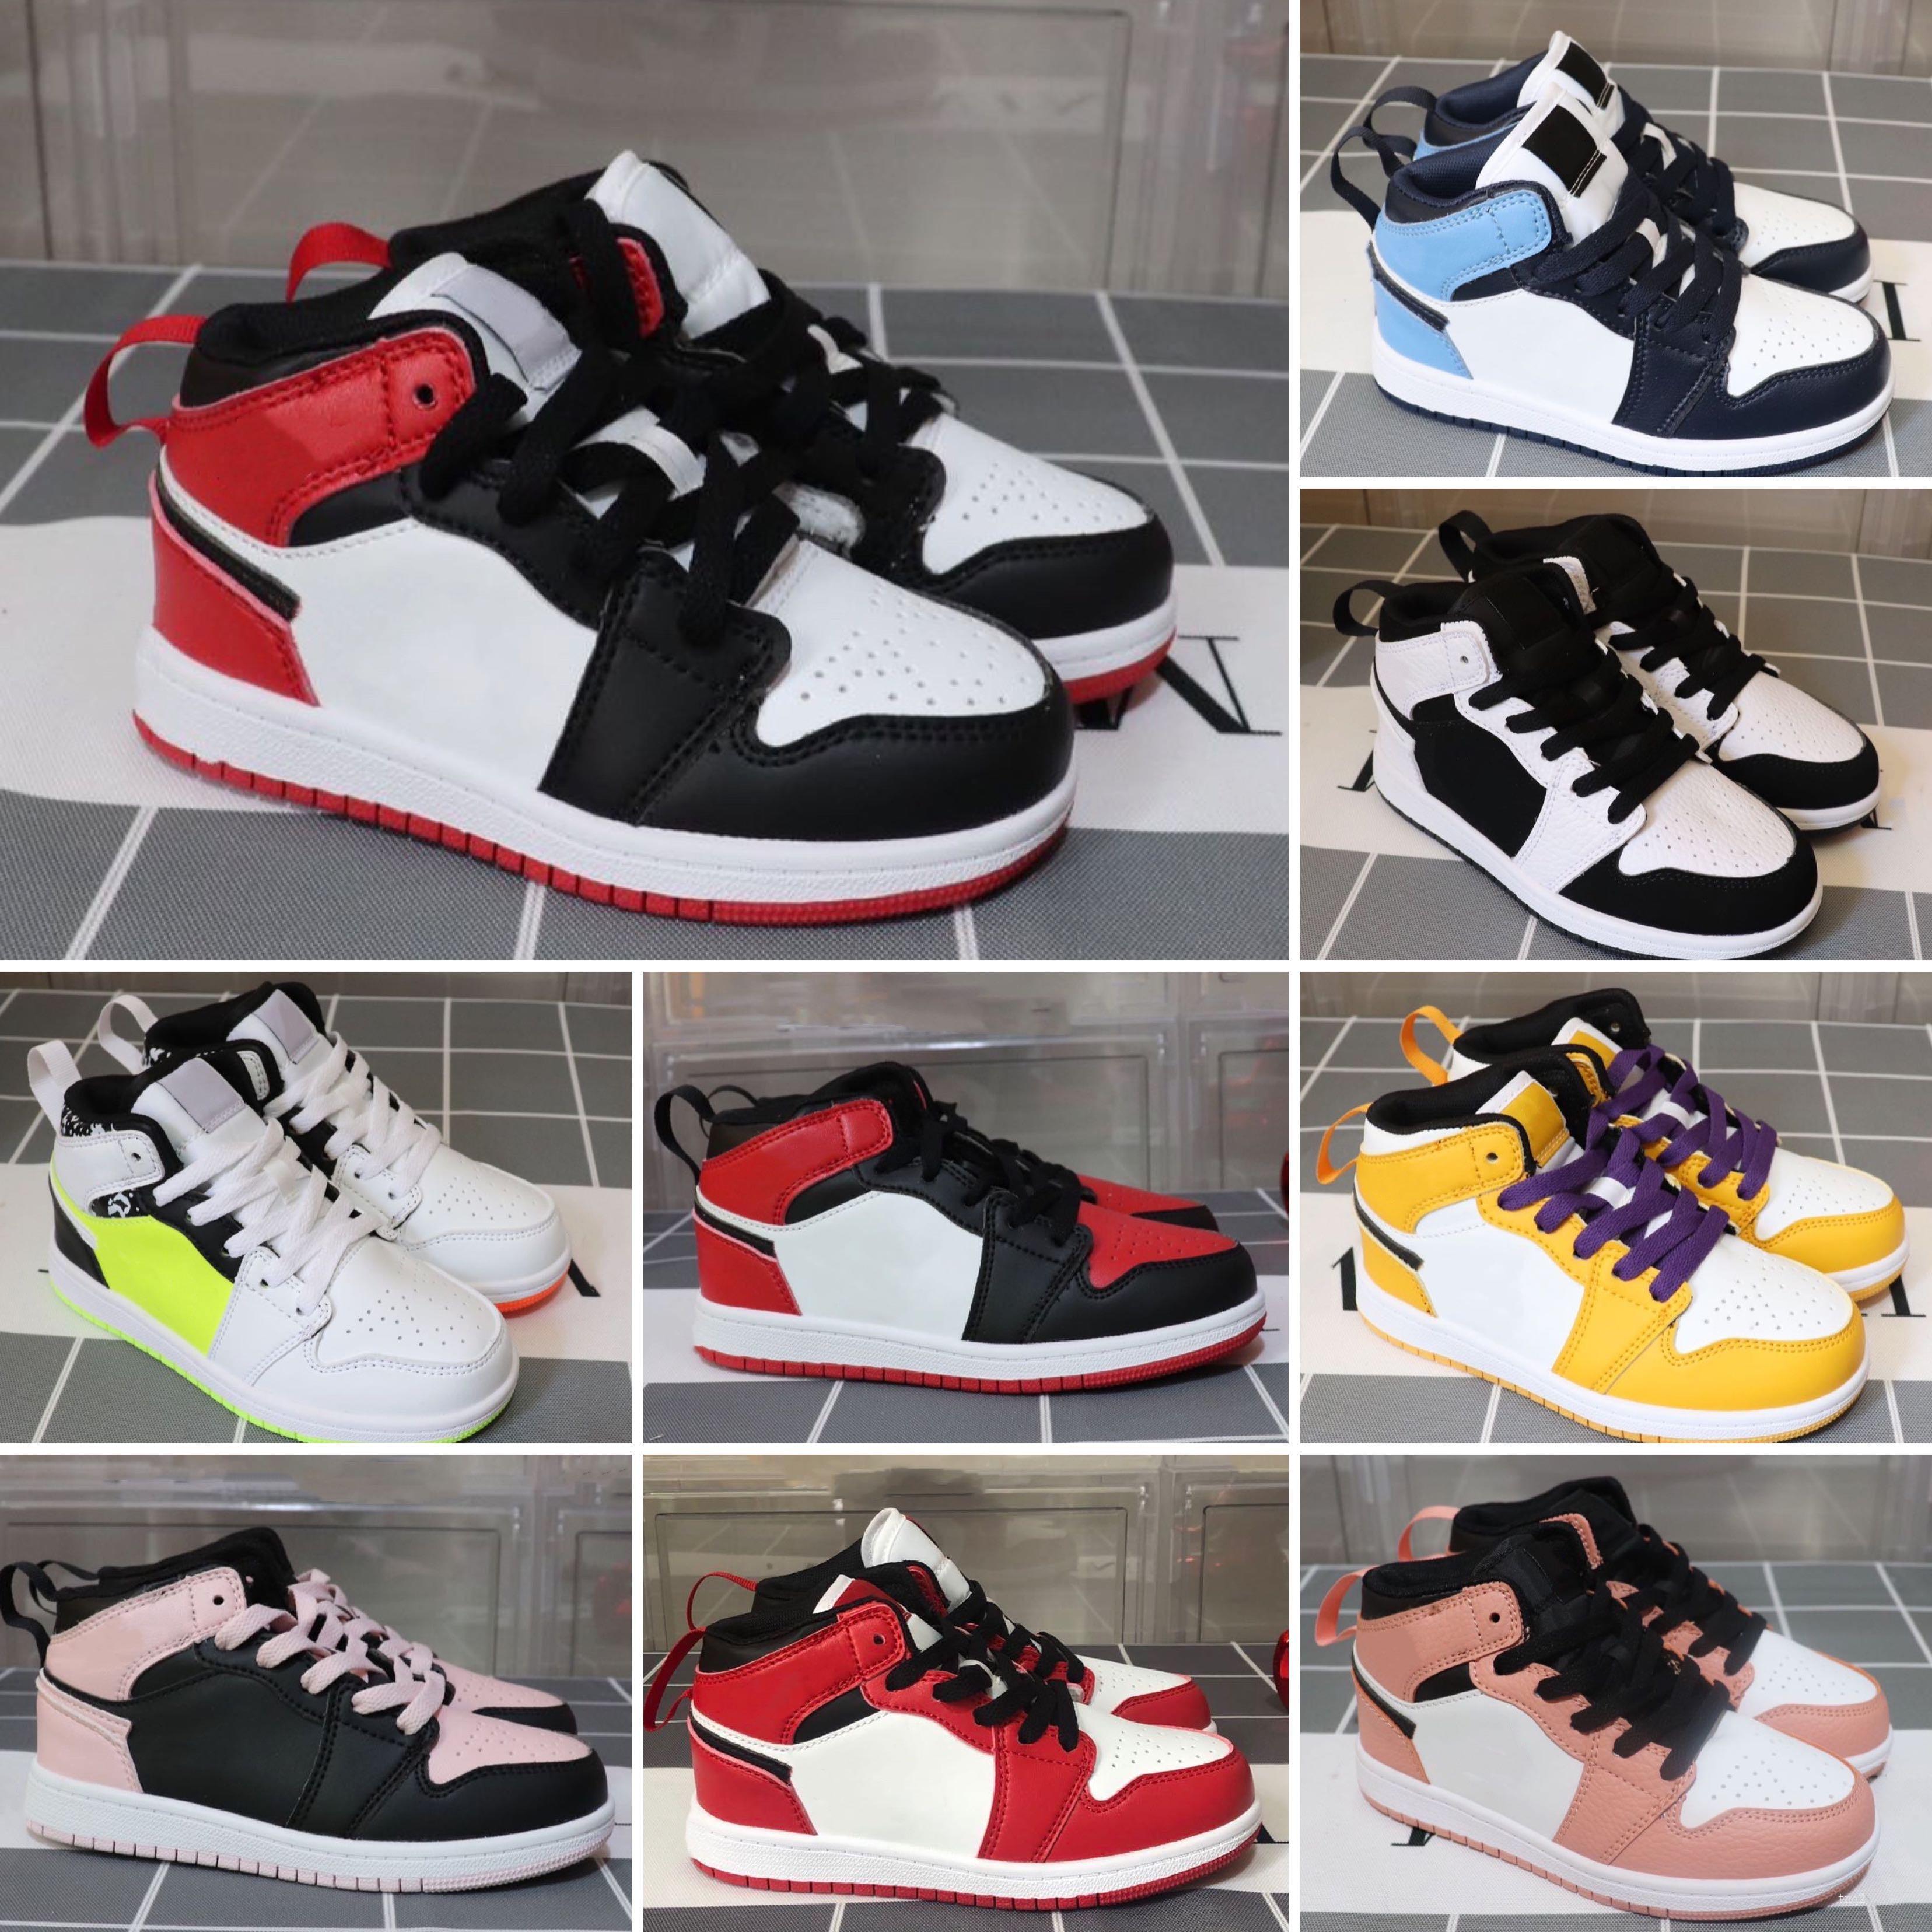 Barato nuevo 1 zapatillas de baloncesto retro Wolf Grey Gamma azul negro blanco rojo prom noche niños jumpman zapatillas de tenis